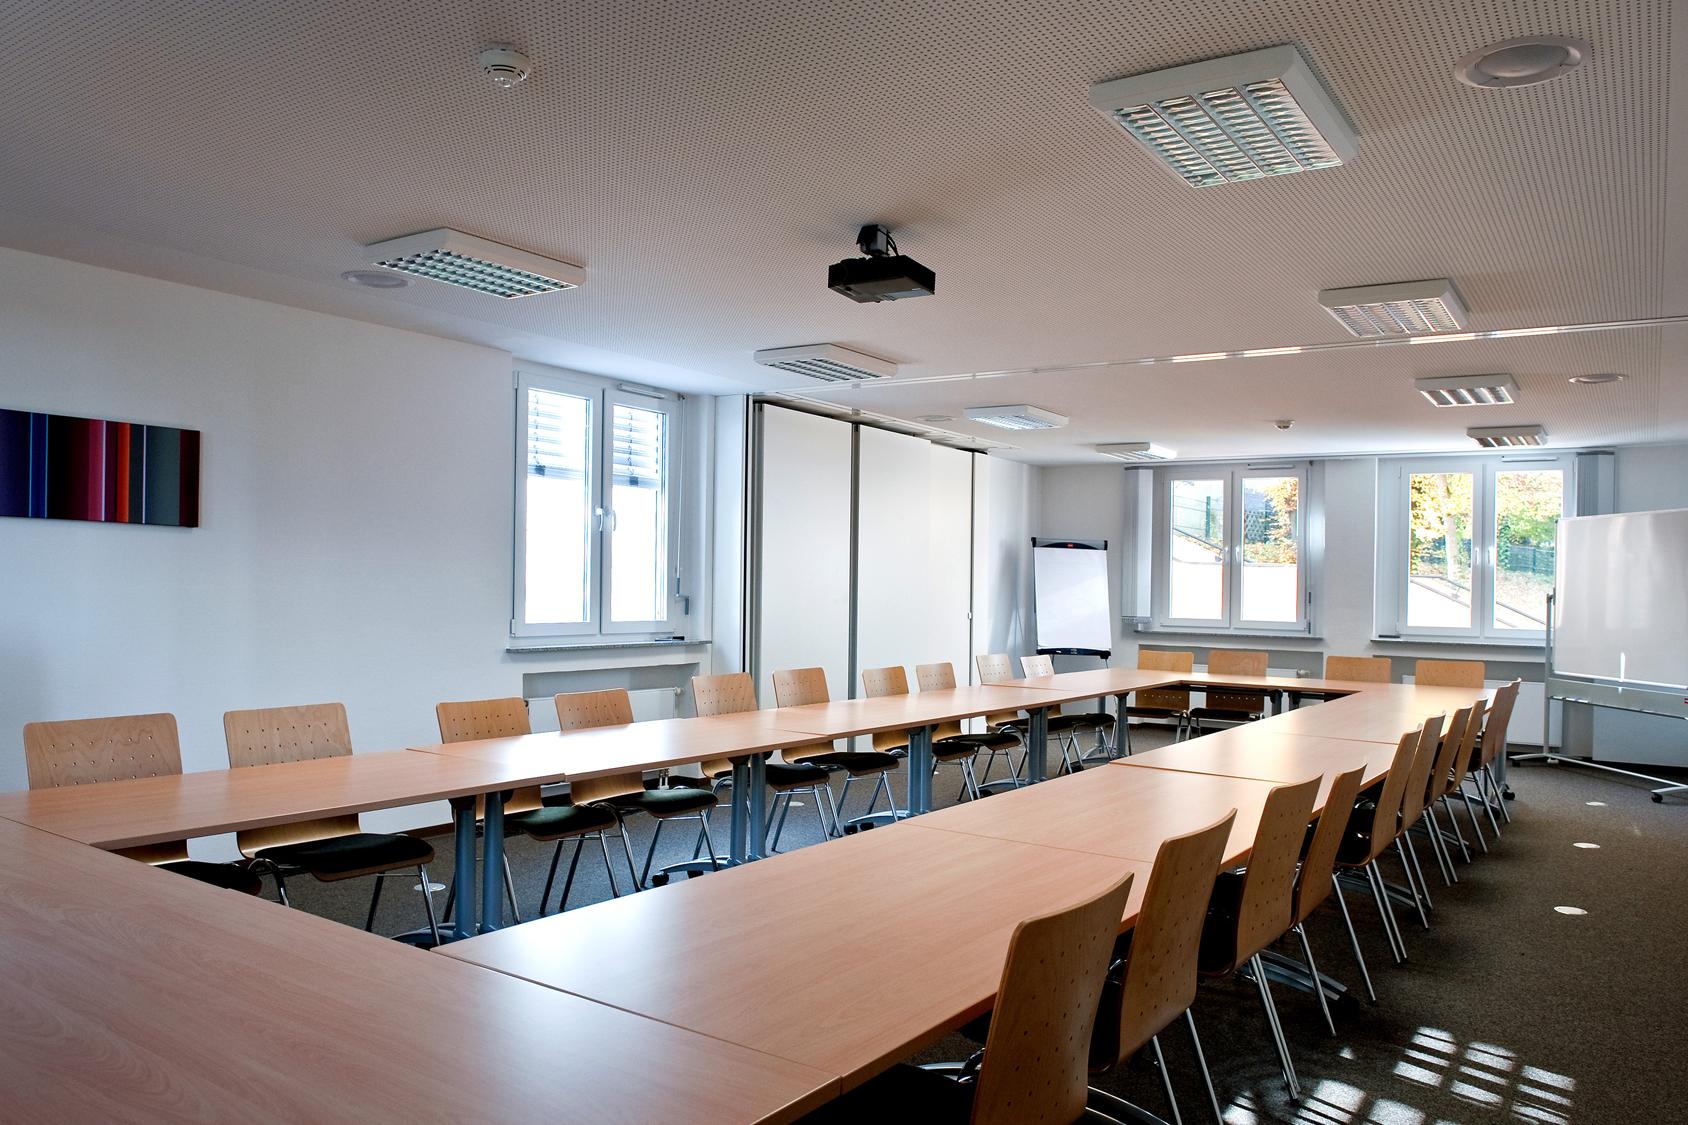 Seminarraum der Bildungsherberge der Studierendenschaft der FernUniversität in Hagen